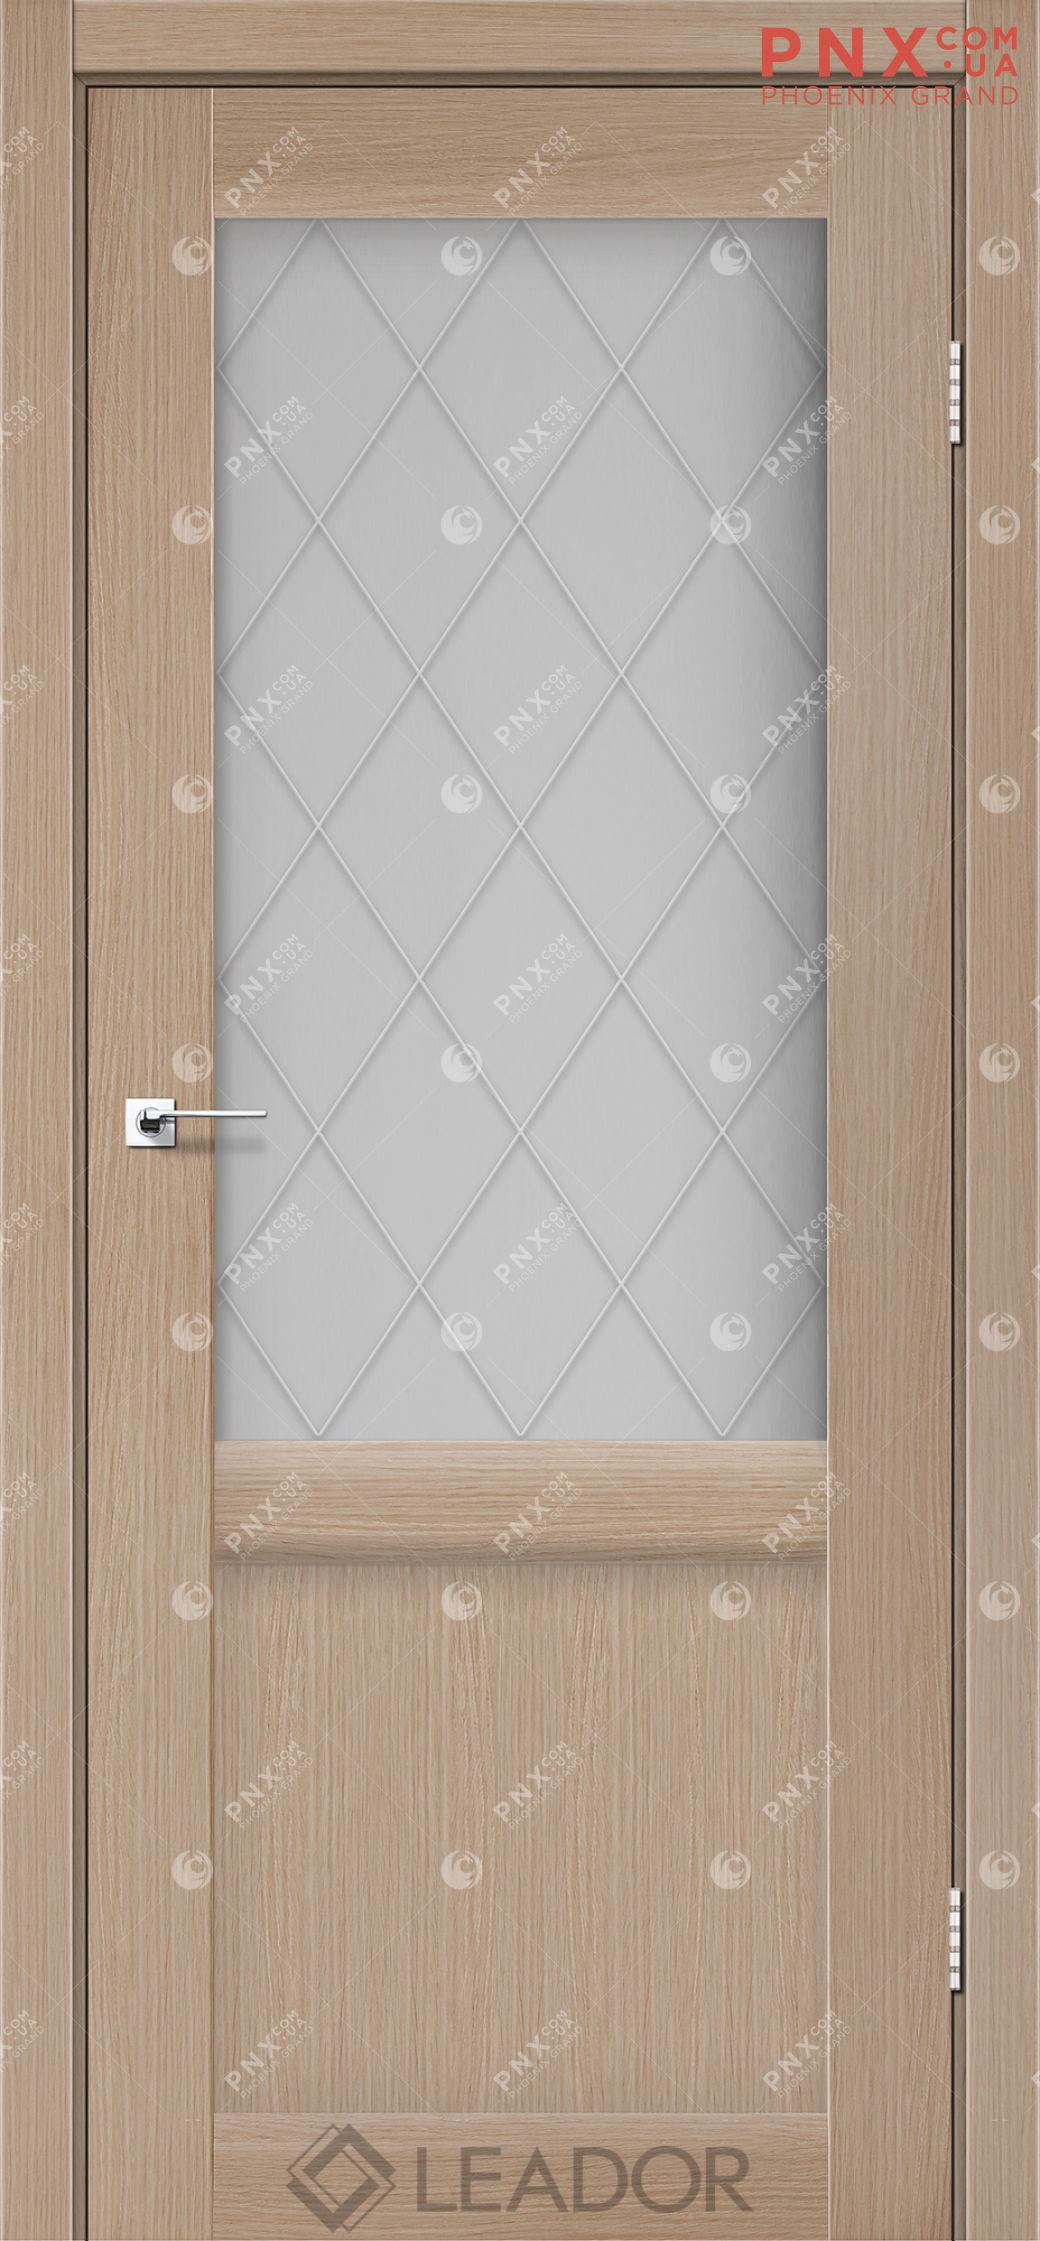 Межкомнатная дверь LEADOR Laura LR-01, Дуб Мокко, Белое стекло сатин +L1